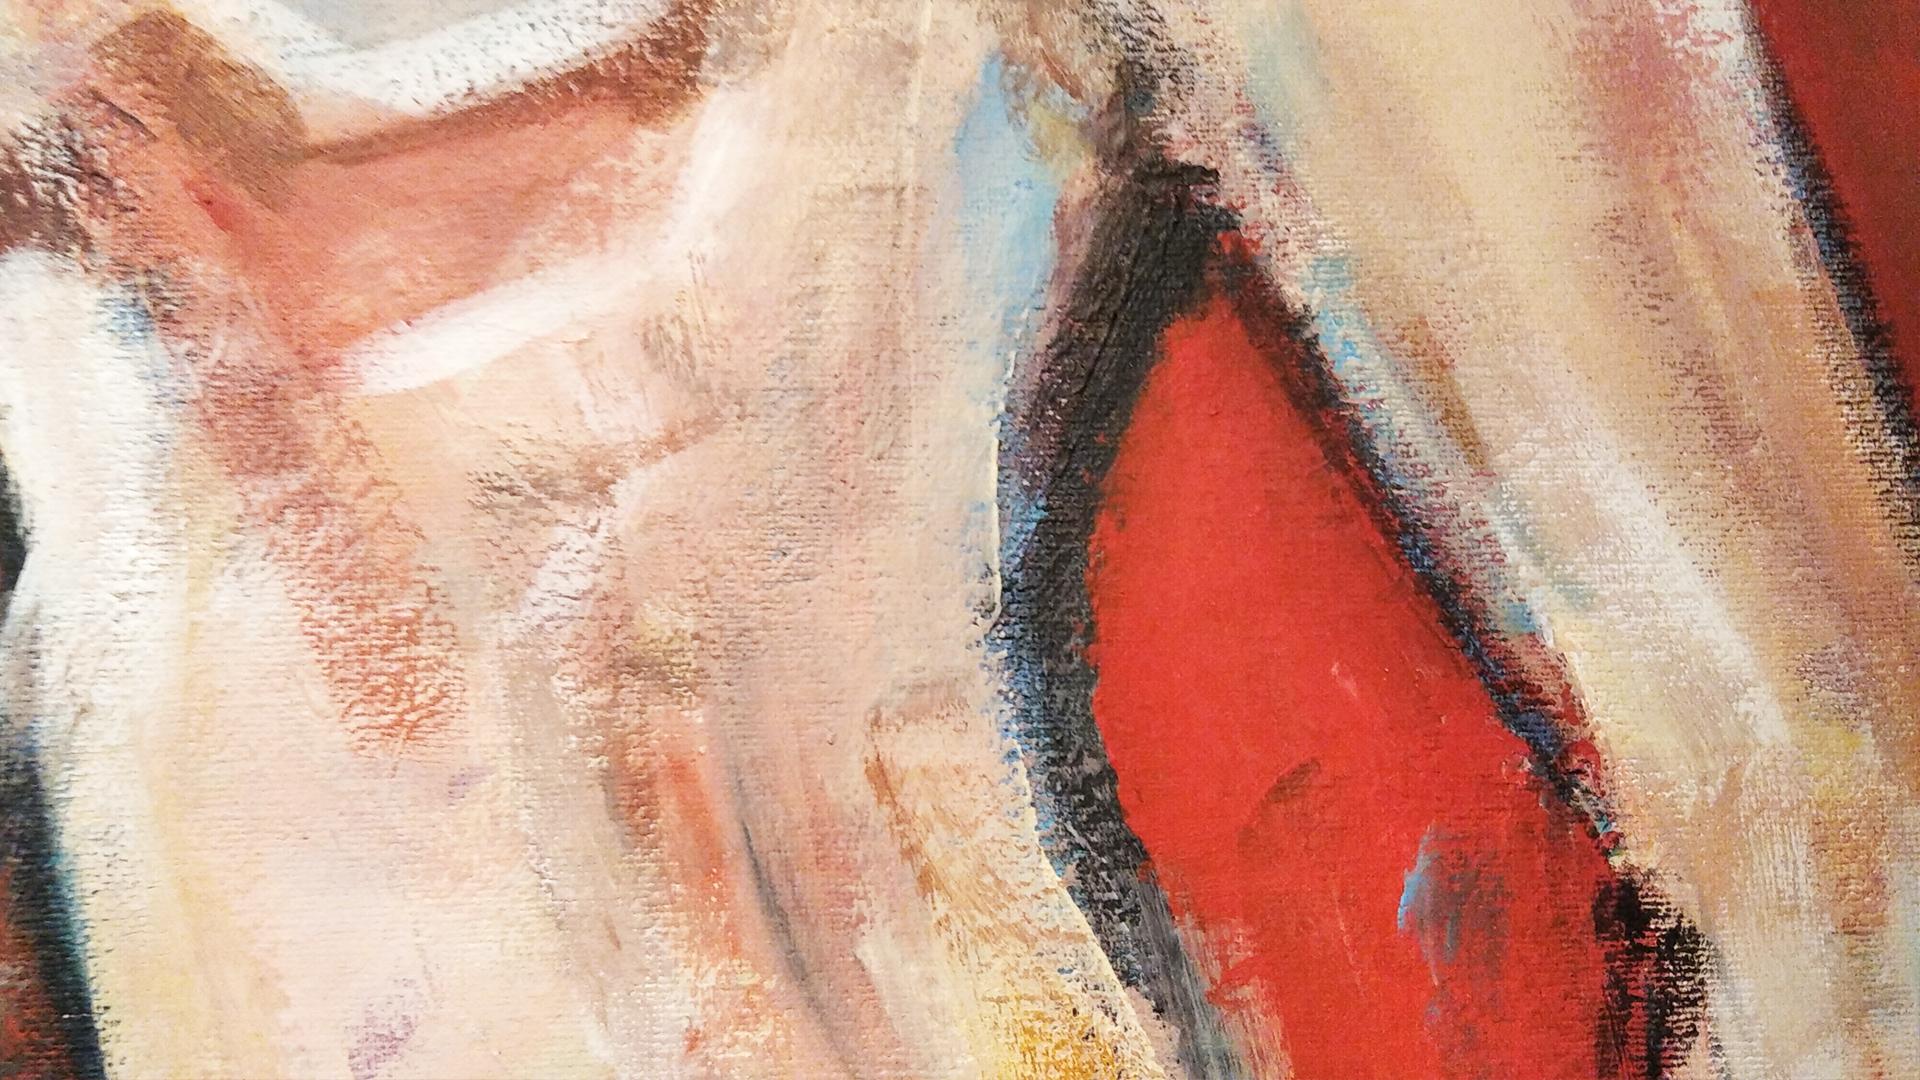 Obraz Akrylowy Poza 60 x 80 cm detal 3